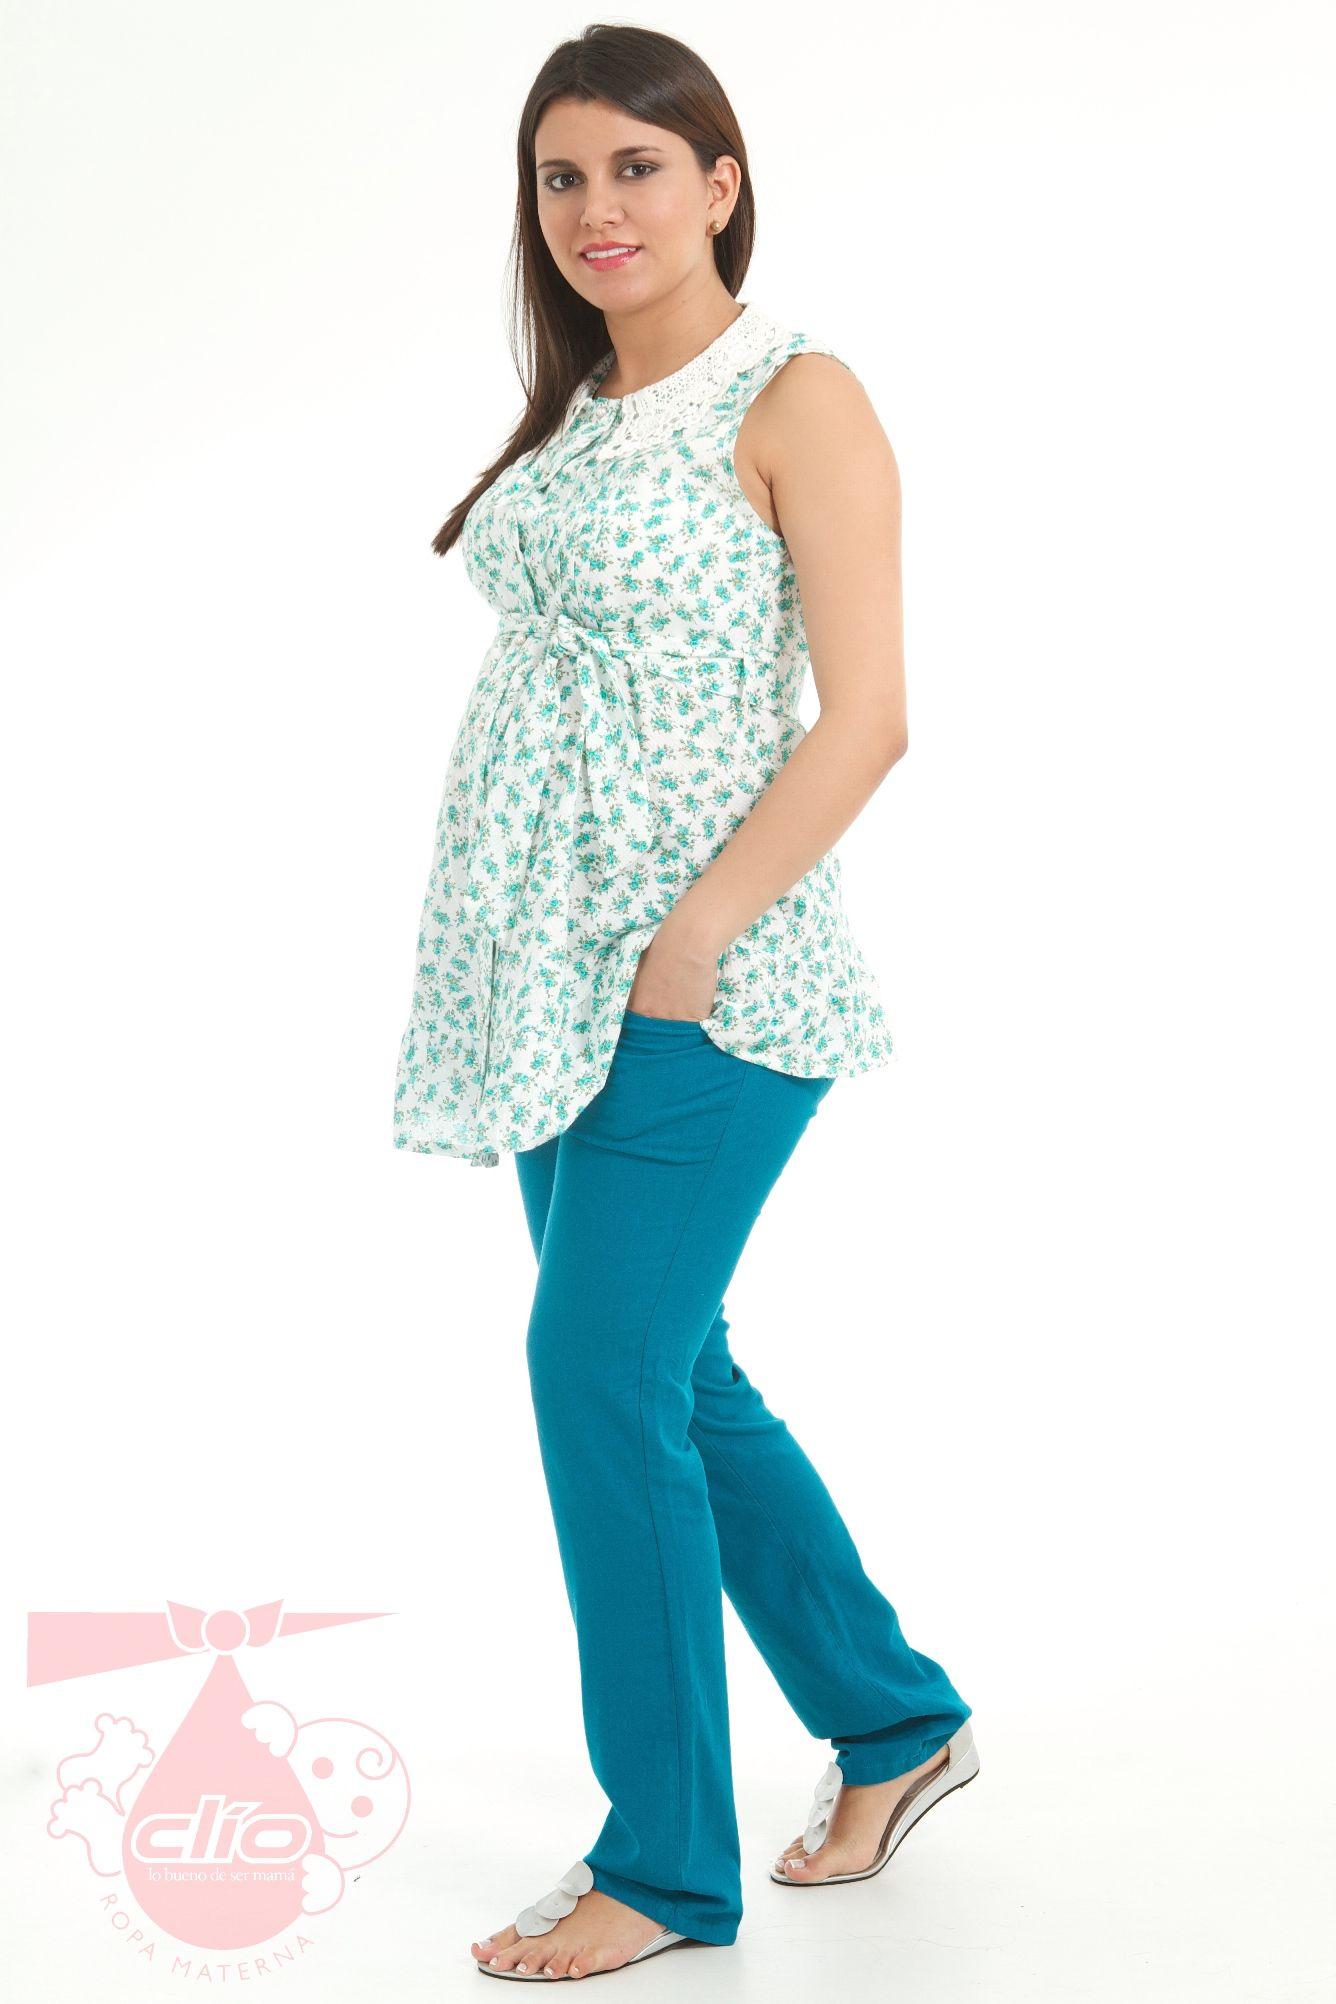 956c1e354 Pantalón materno en lino